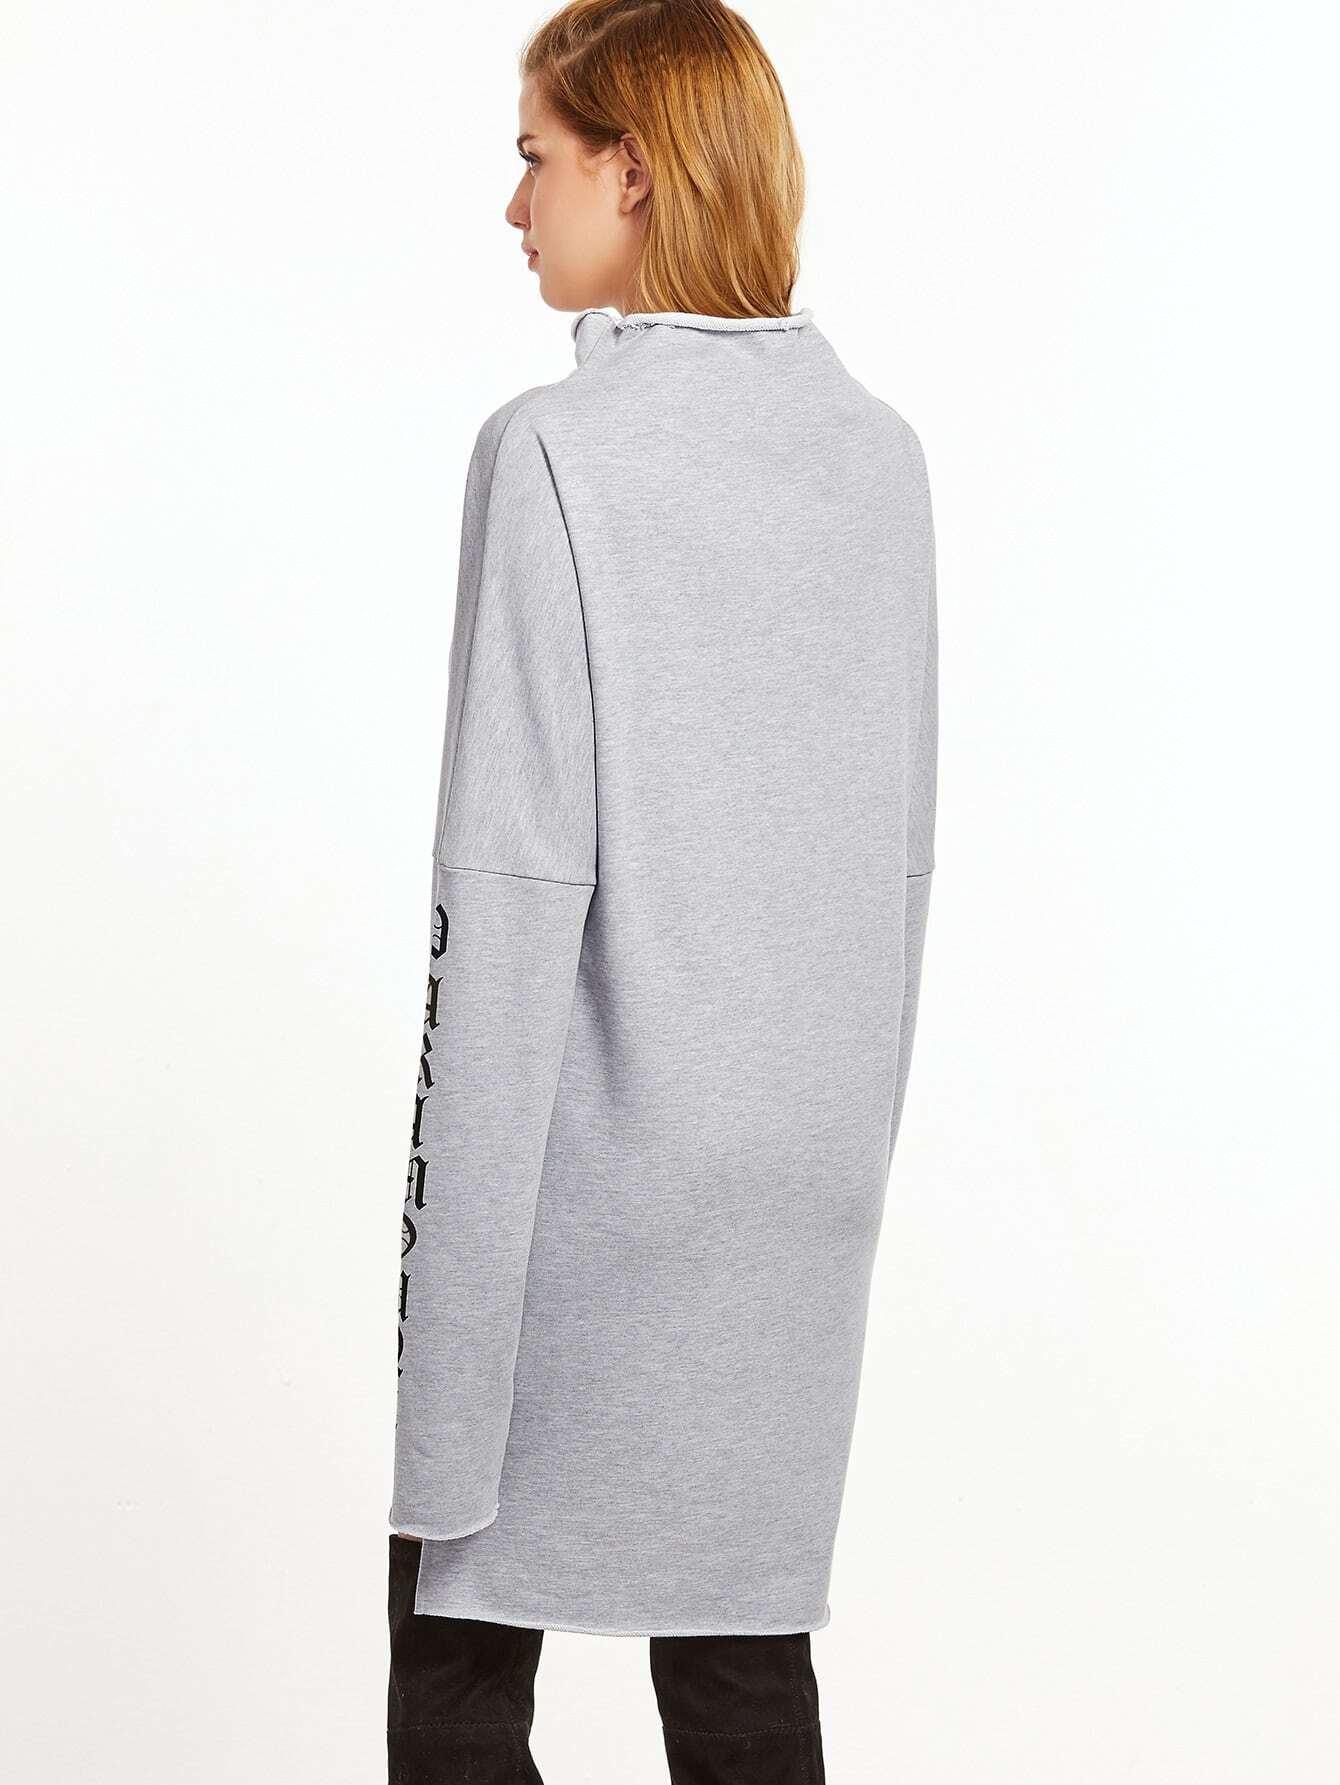 Sweatshirt kleid buchstaben druck umlegekragen vorne kurz for Mobel 9 buchstaben